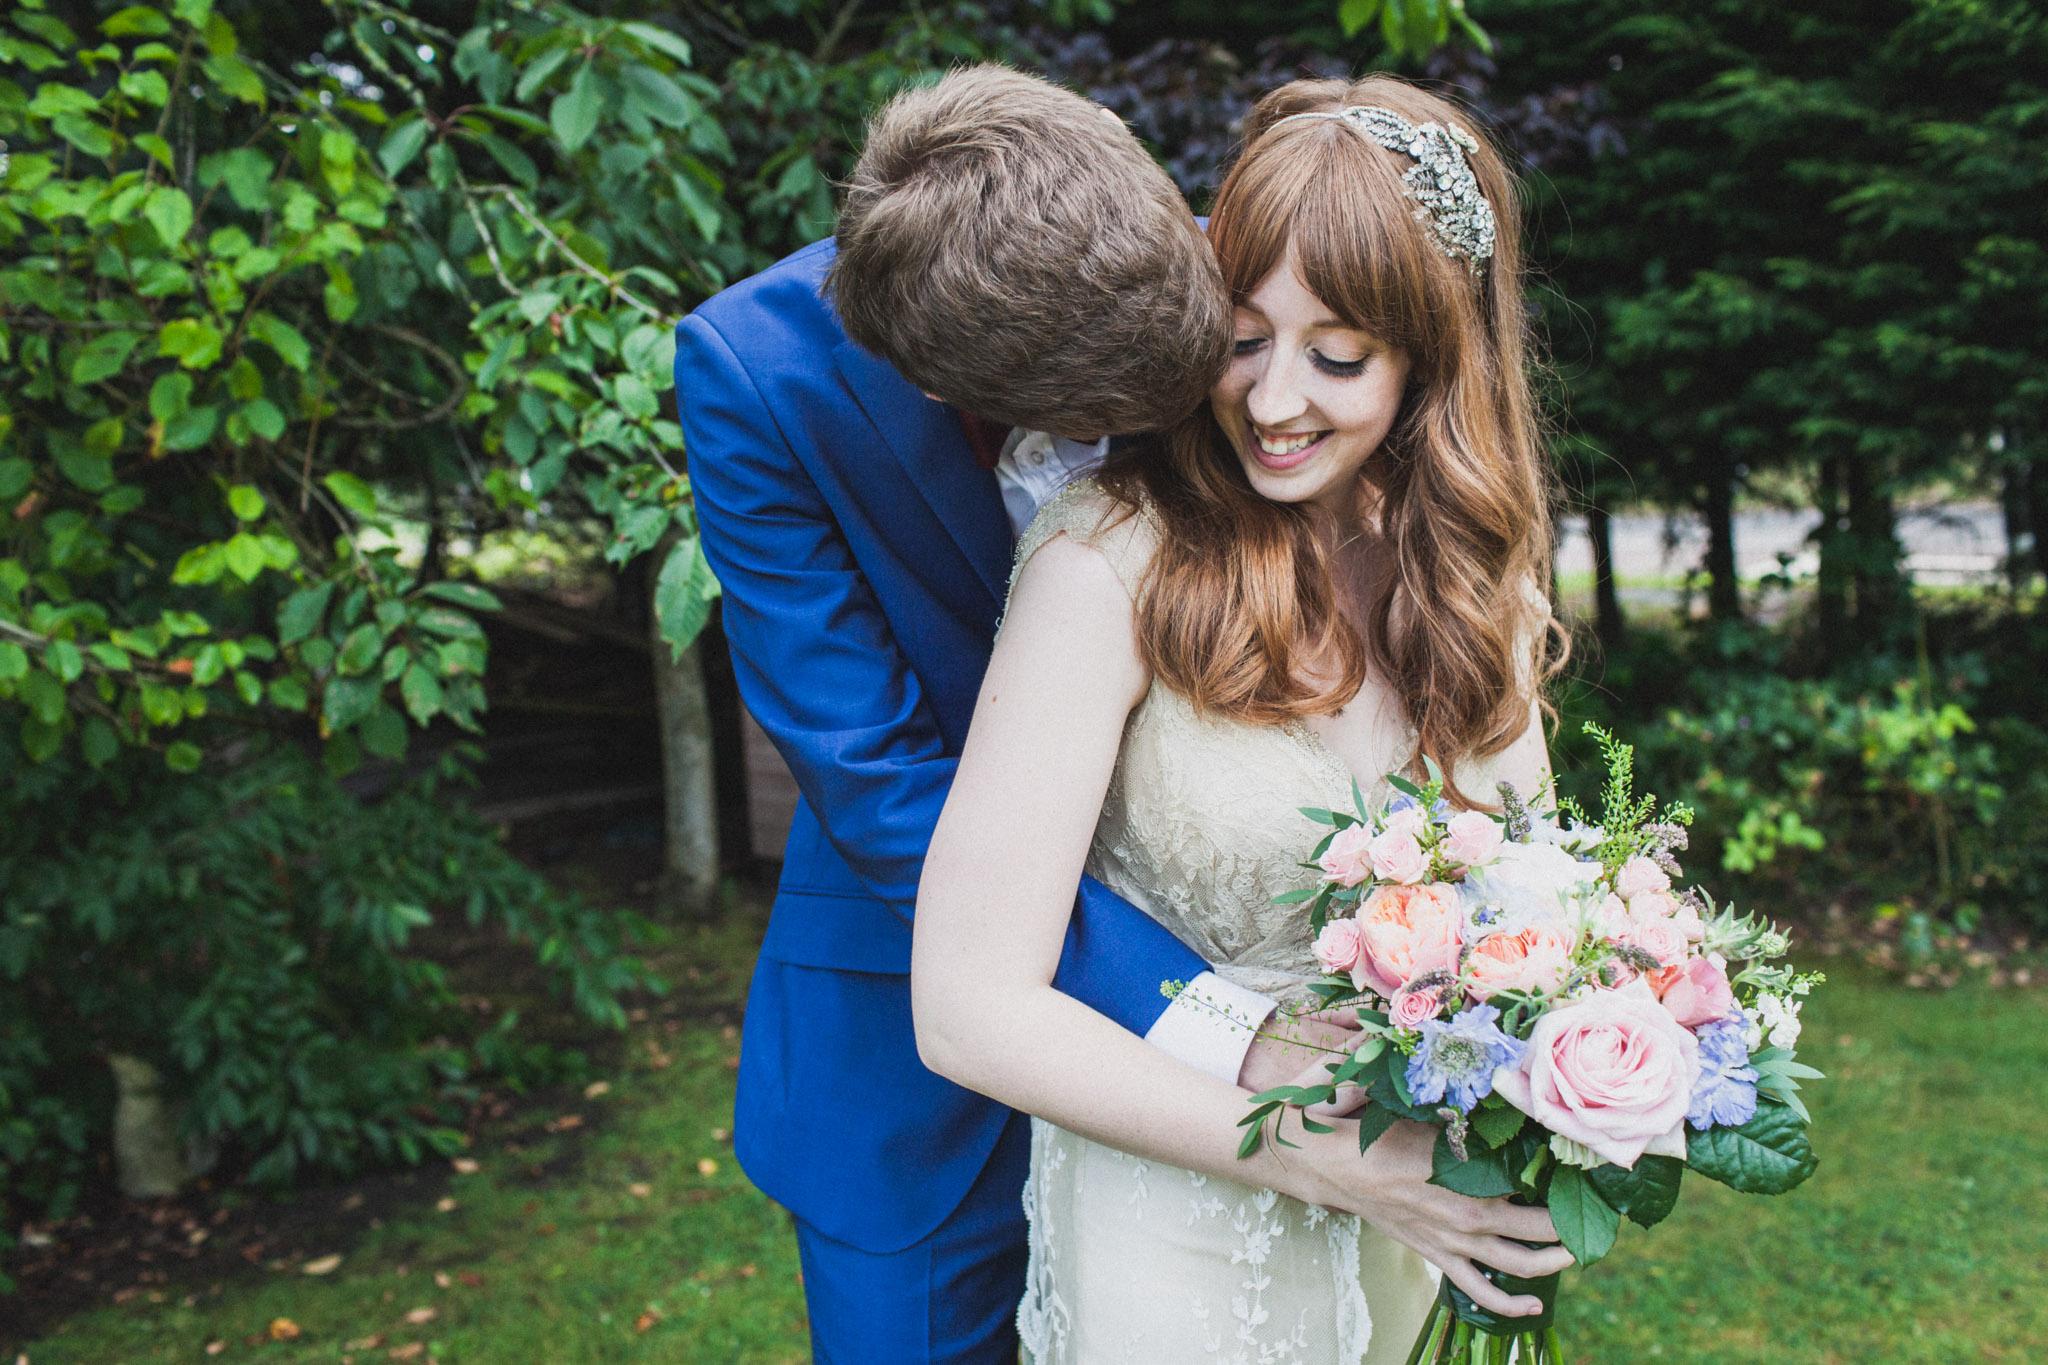 lewes_wedding_photographer_0067.jpg